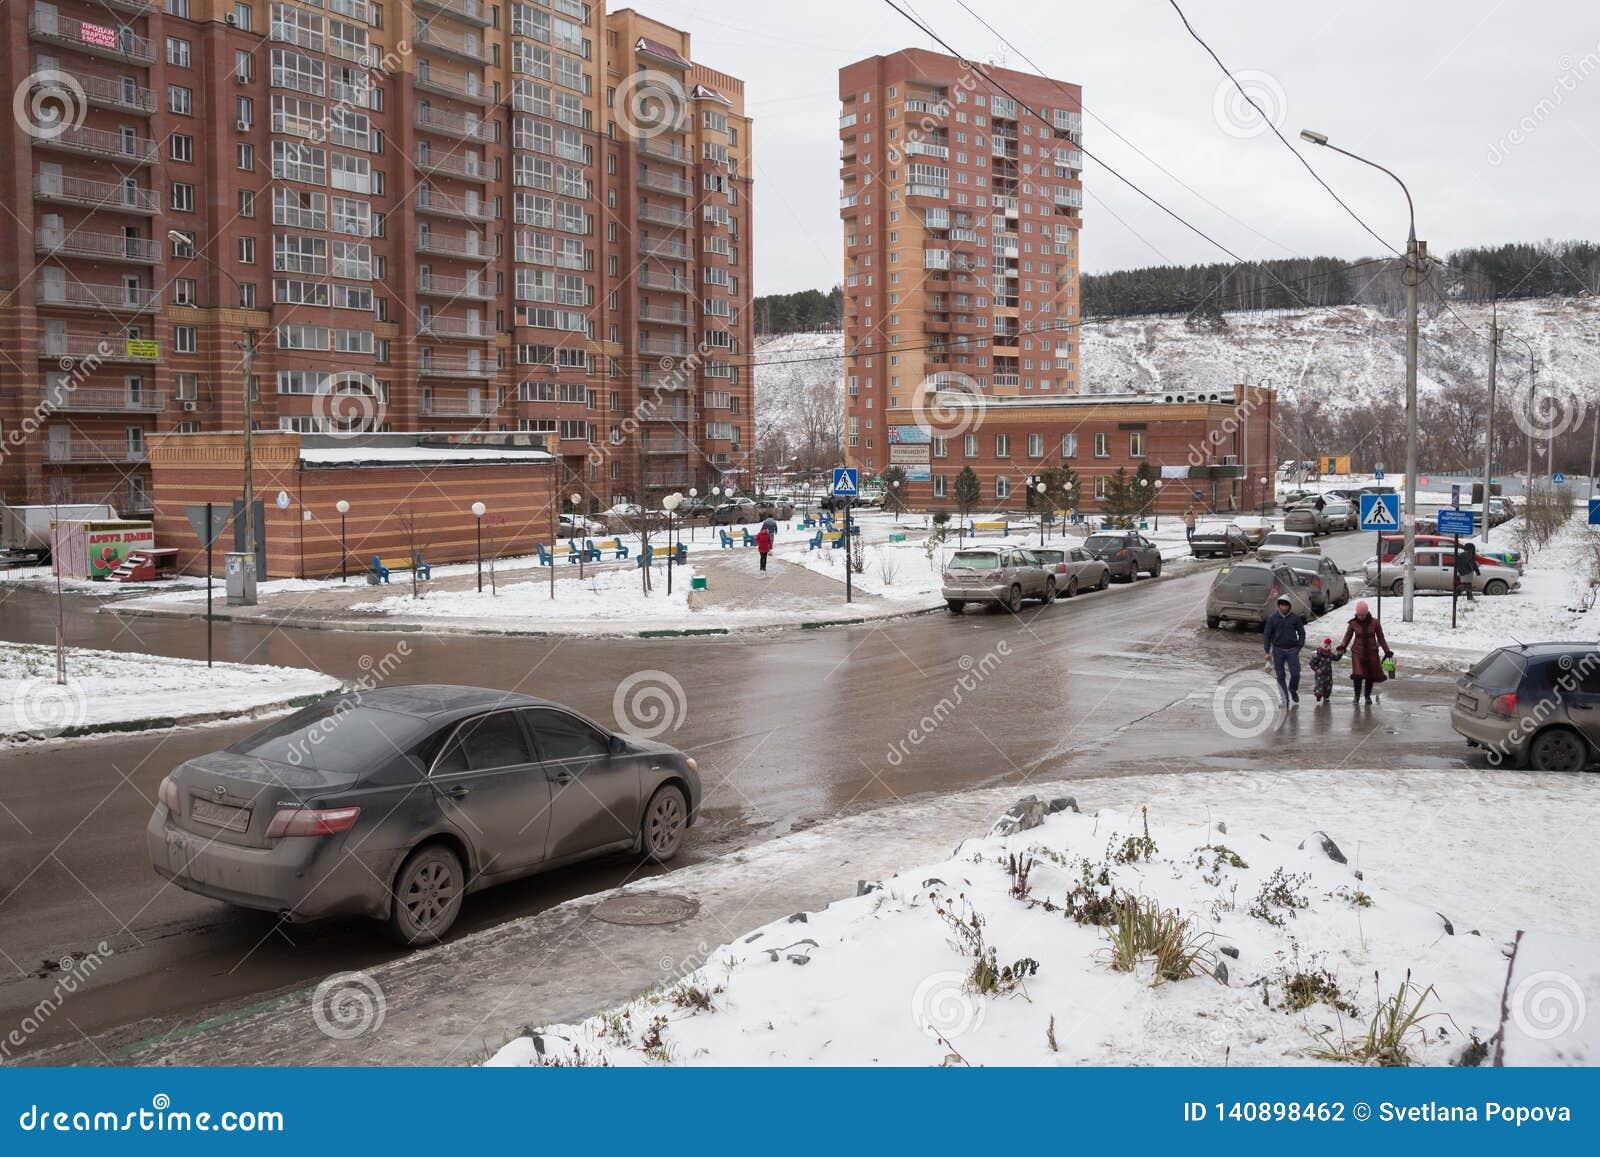 El coche condujo para arriba a la intersección con un paso de peatones en el microdistrict con las construcciones de viviendas de